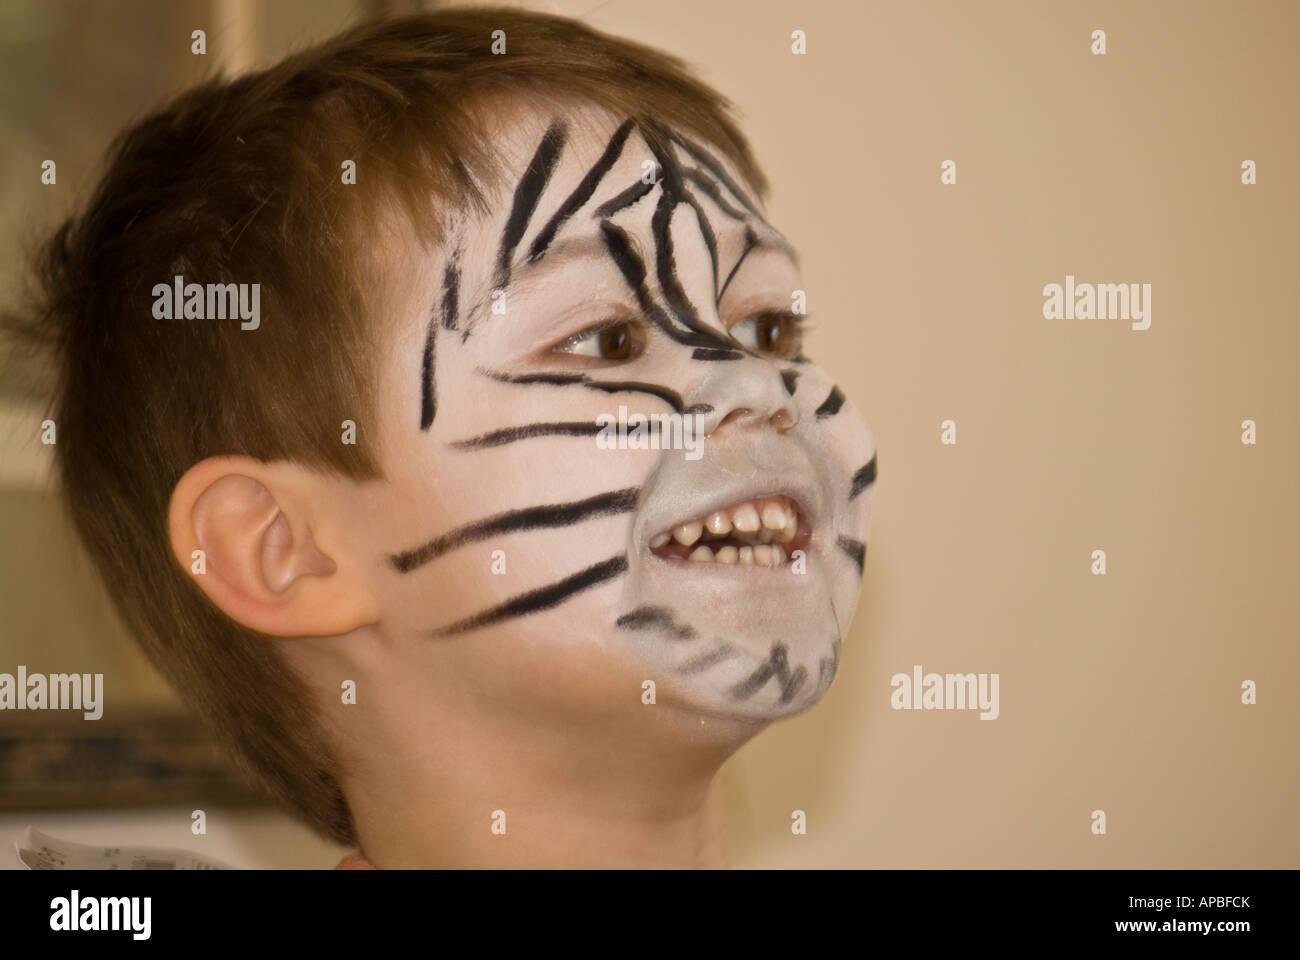 Boy Child Zebra Face Paint Stock Photo Alamy